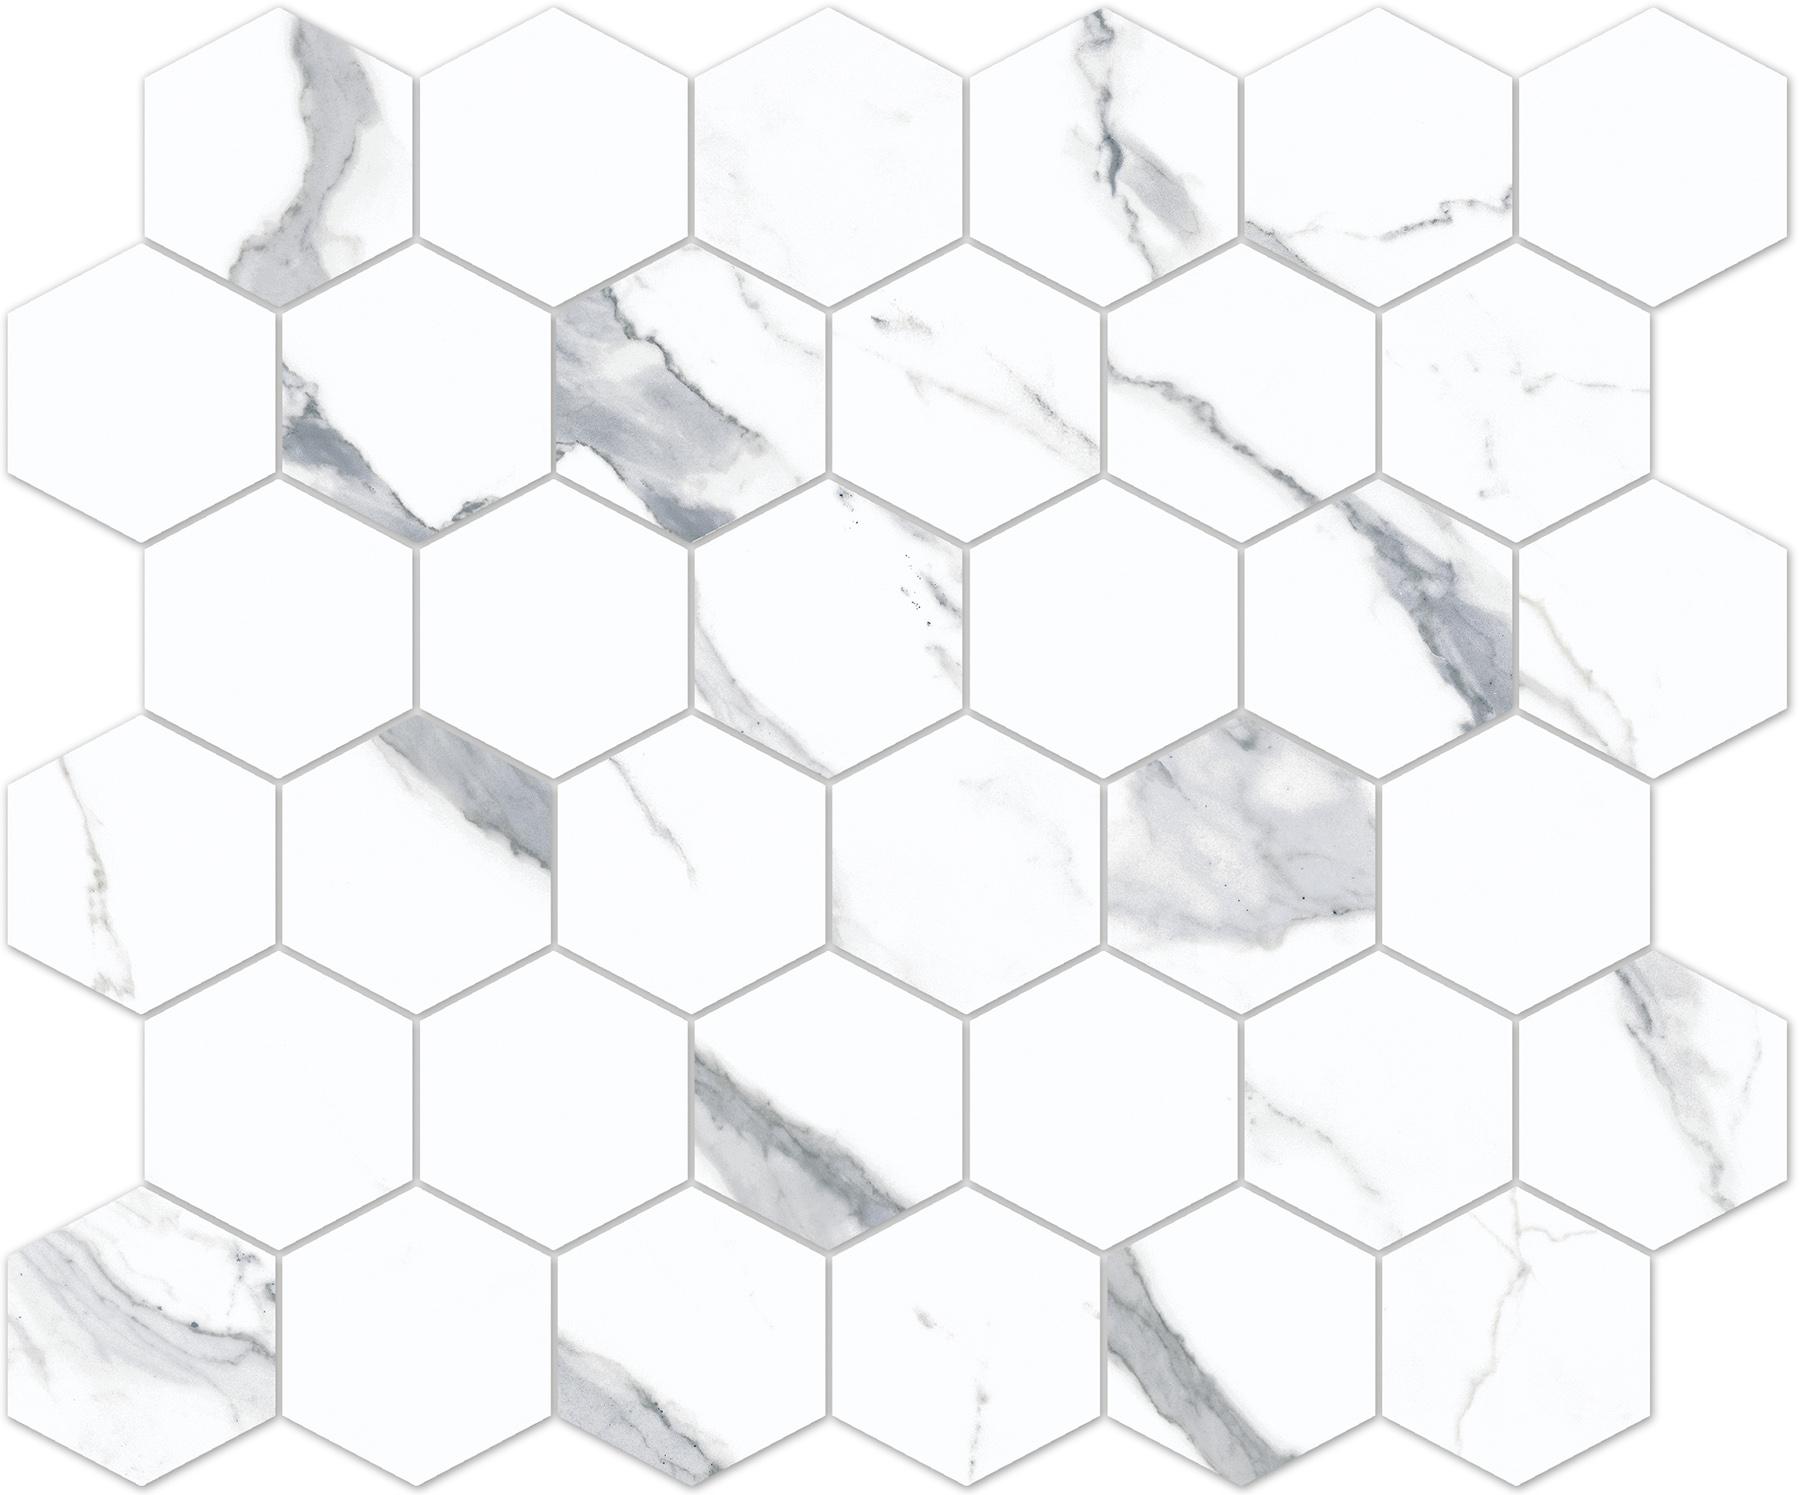 8881/720, Bernini Stone, Valkoinen, lattia,mosaiikki